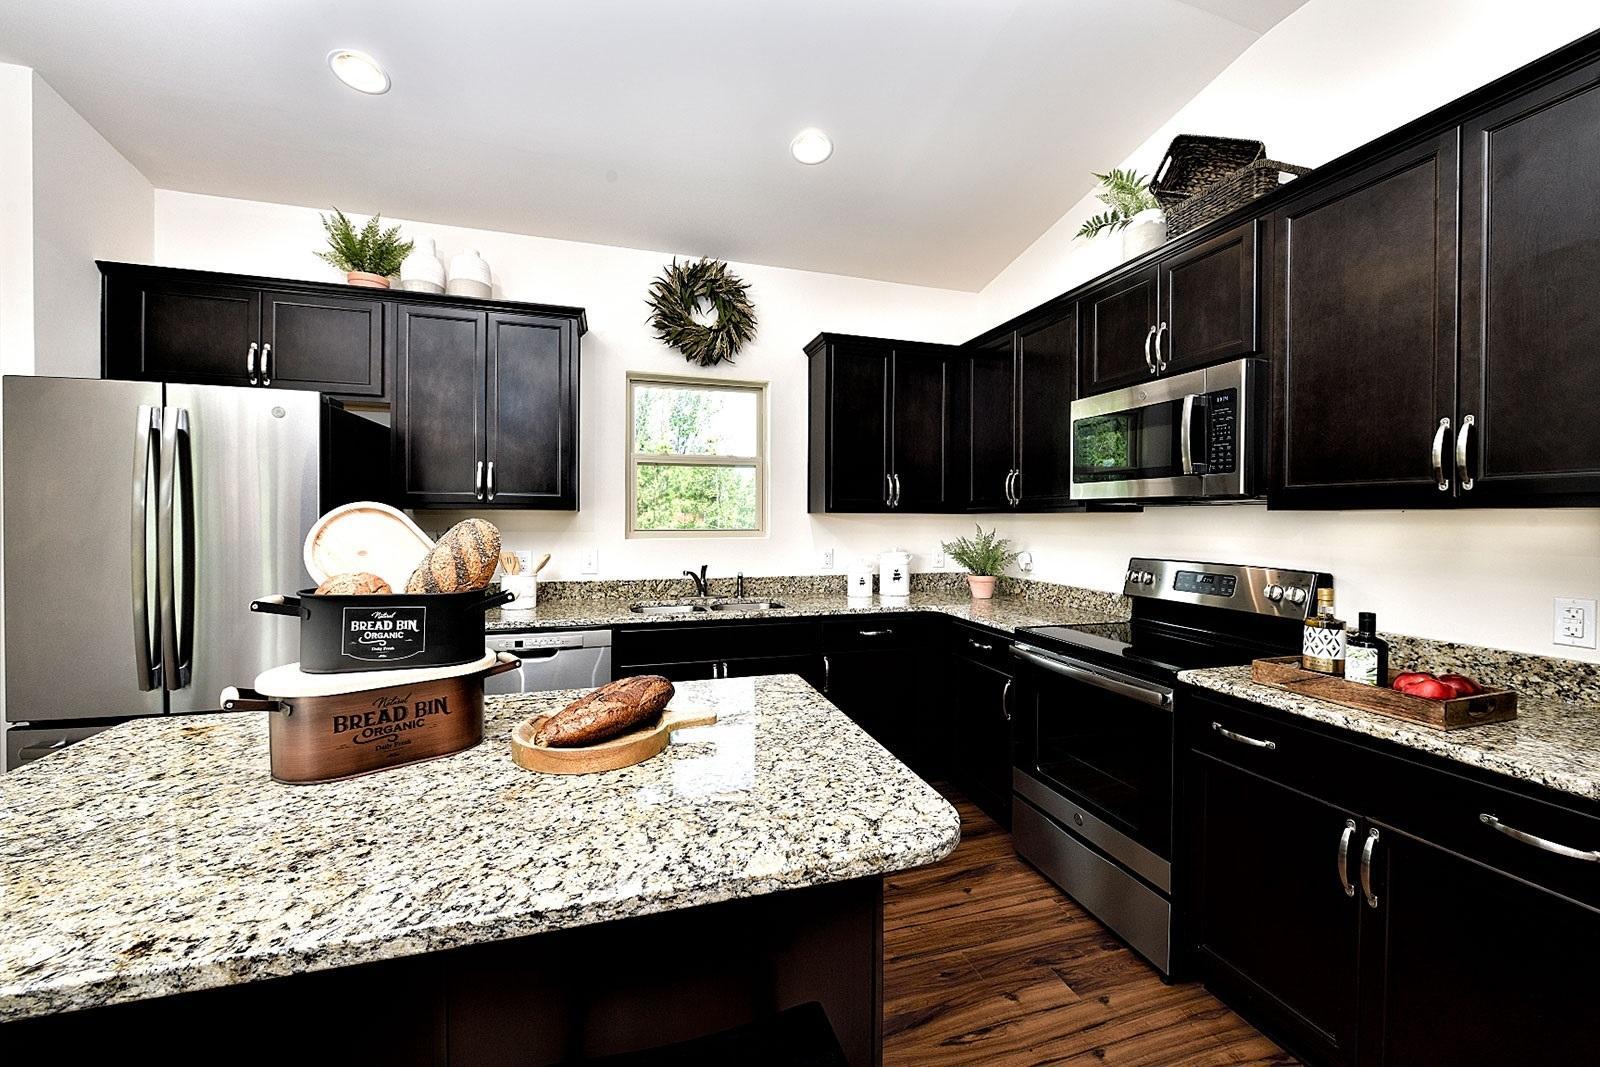 Medway Landing Homes For Sale - 254 Hyrne Drive, Goose Creek, SC - 5